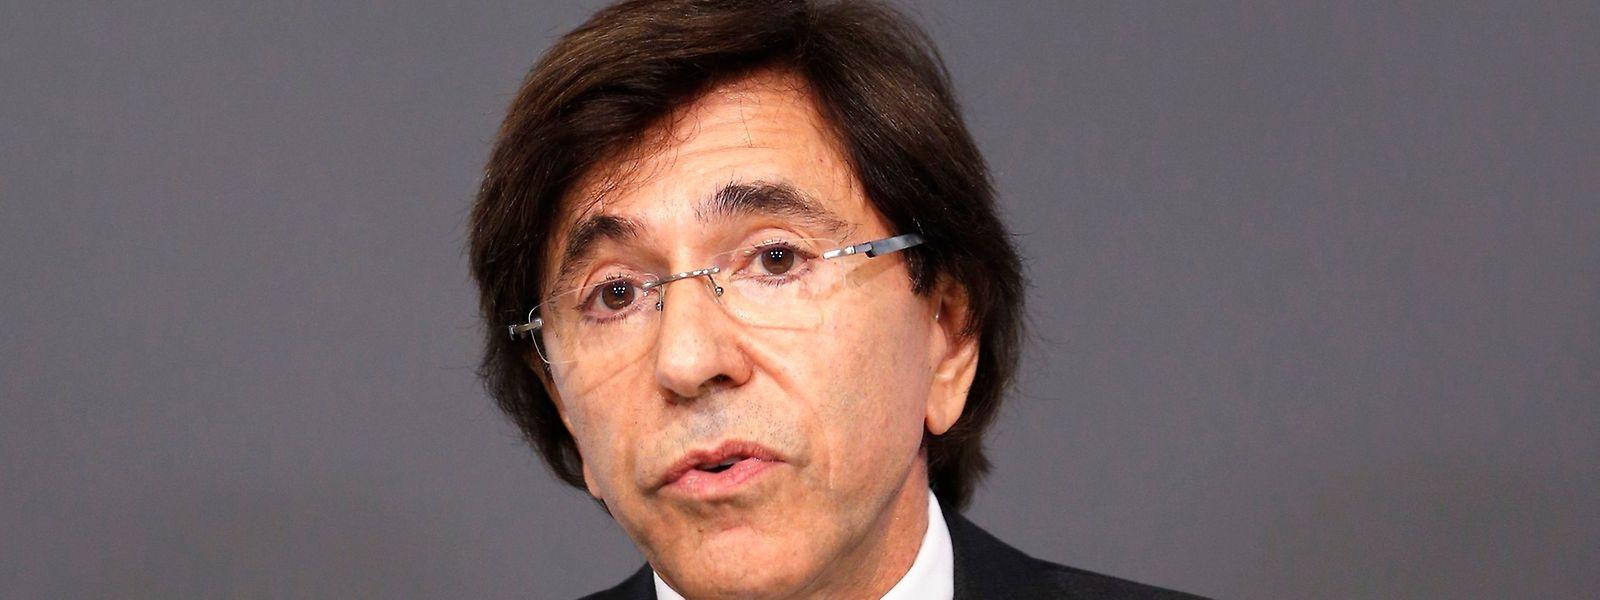 Elio Di Rupo doit reconnaître que les plans de sortie de crise covid pour la Wallonie n'ont pas porté leurs fruits.